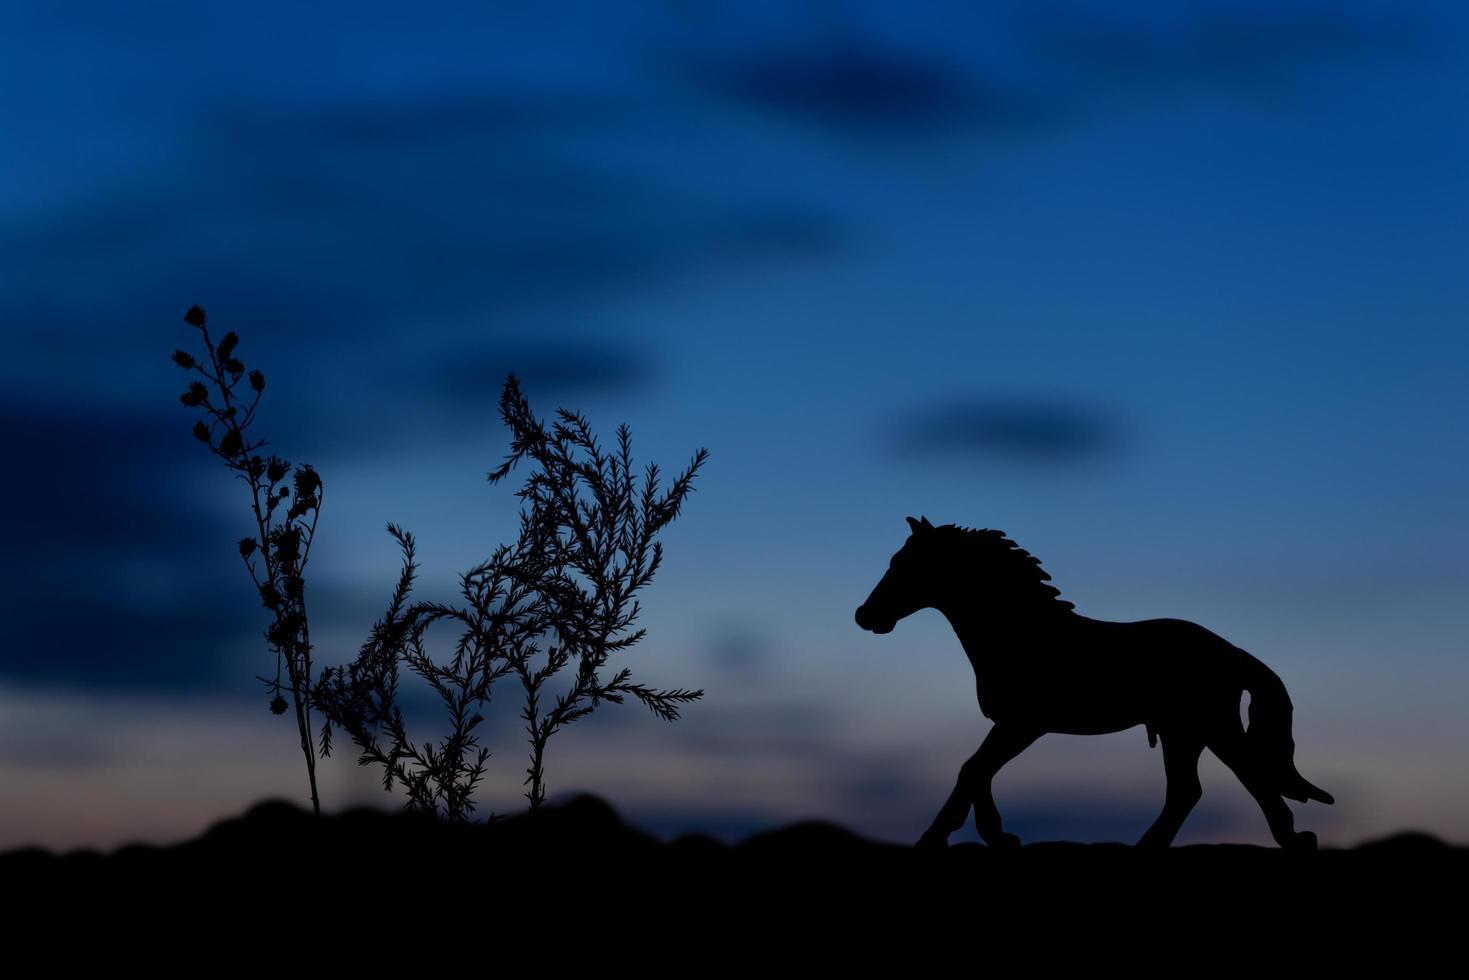 sagoma di cavallo giocattolo al tramonto sullo sfondo foto